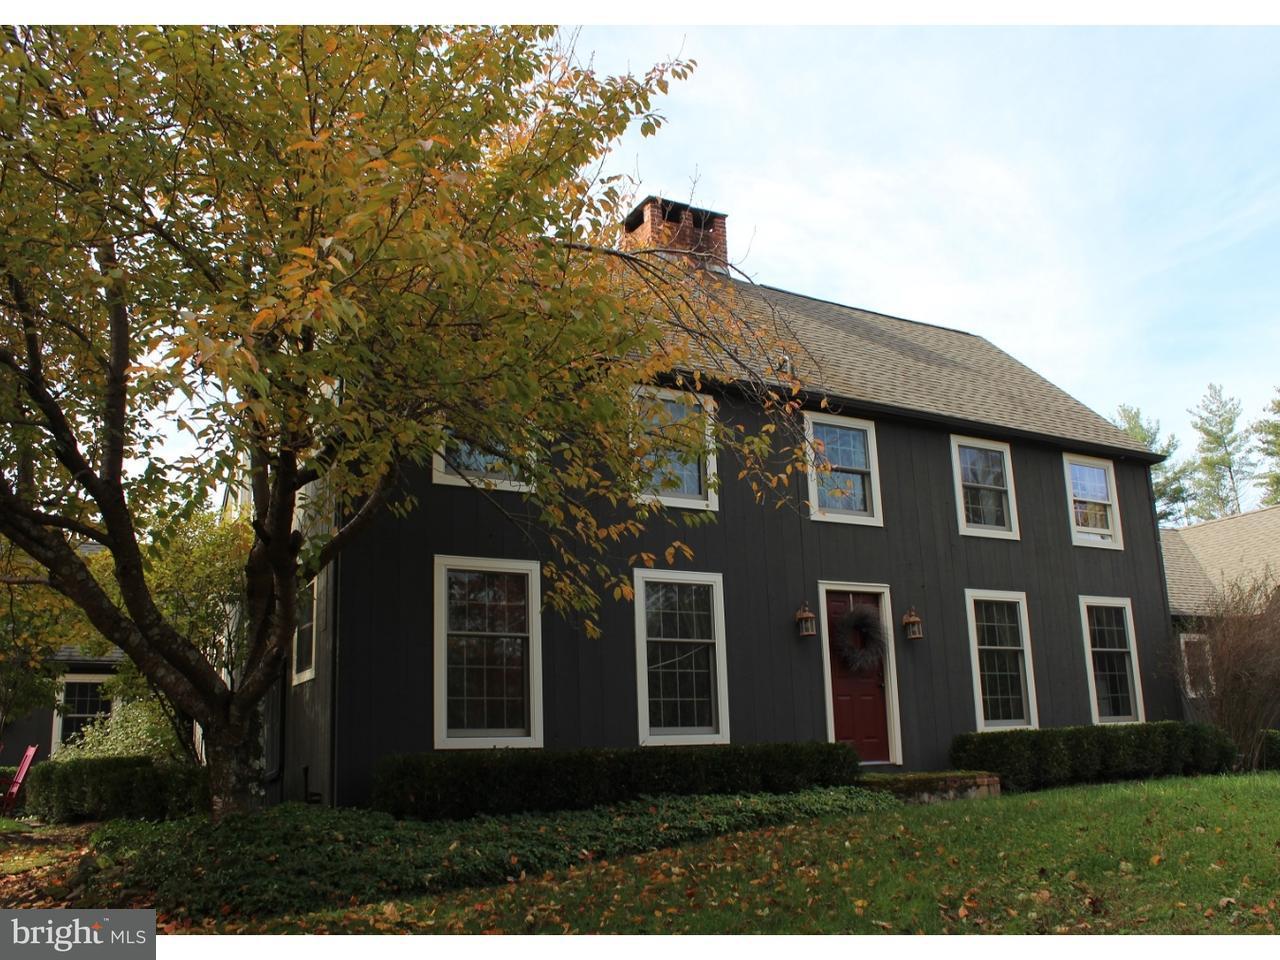 独户住宅 为 销售 在 527 CAFFERTY Road Upper Black Eddy, 宾夕法尼亚州 18972 美国